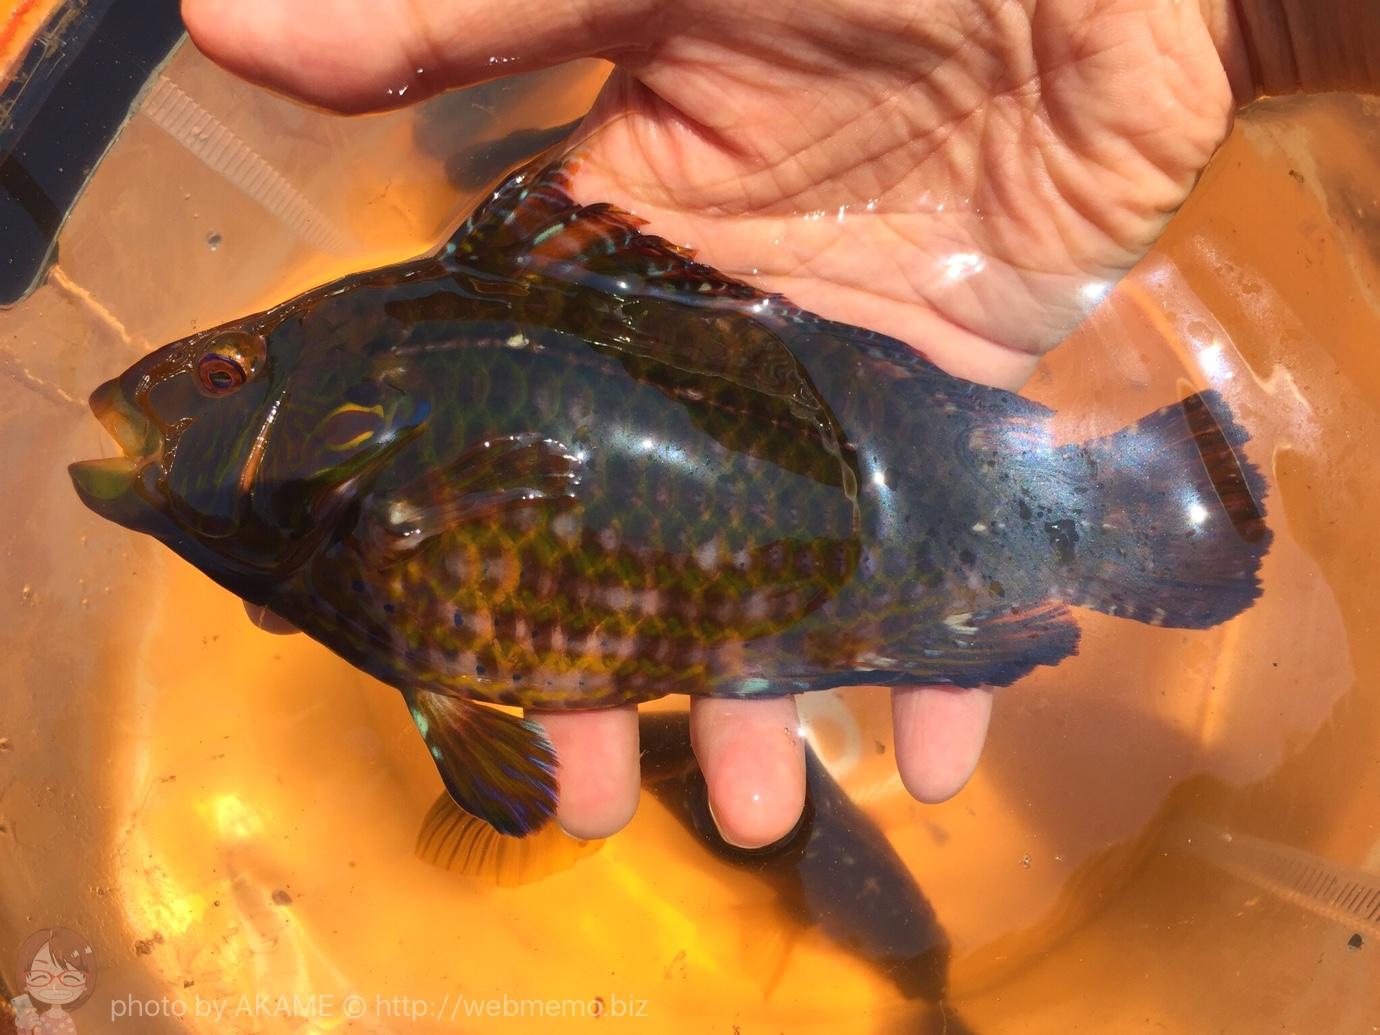 ゴールデンウィークの城ヶ島 釣りの成果